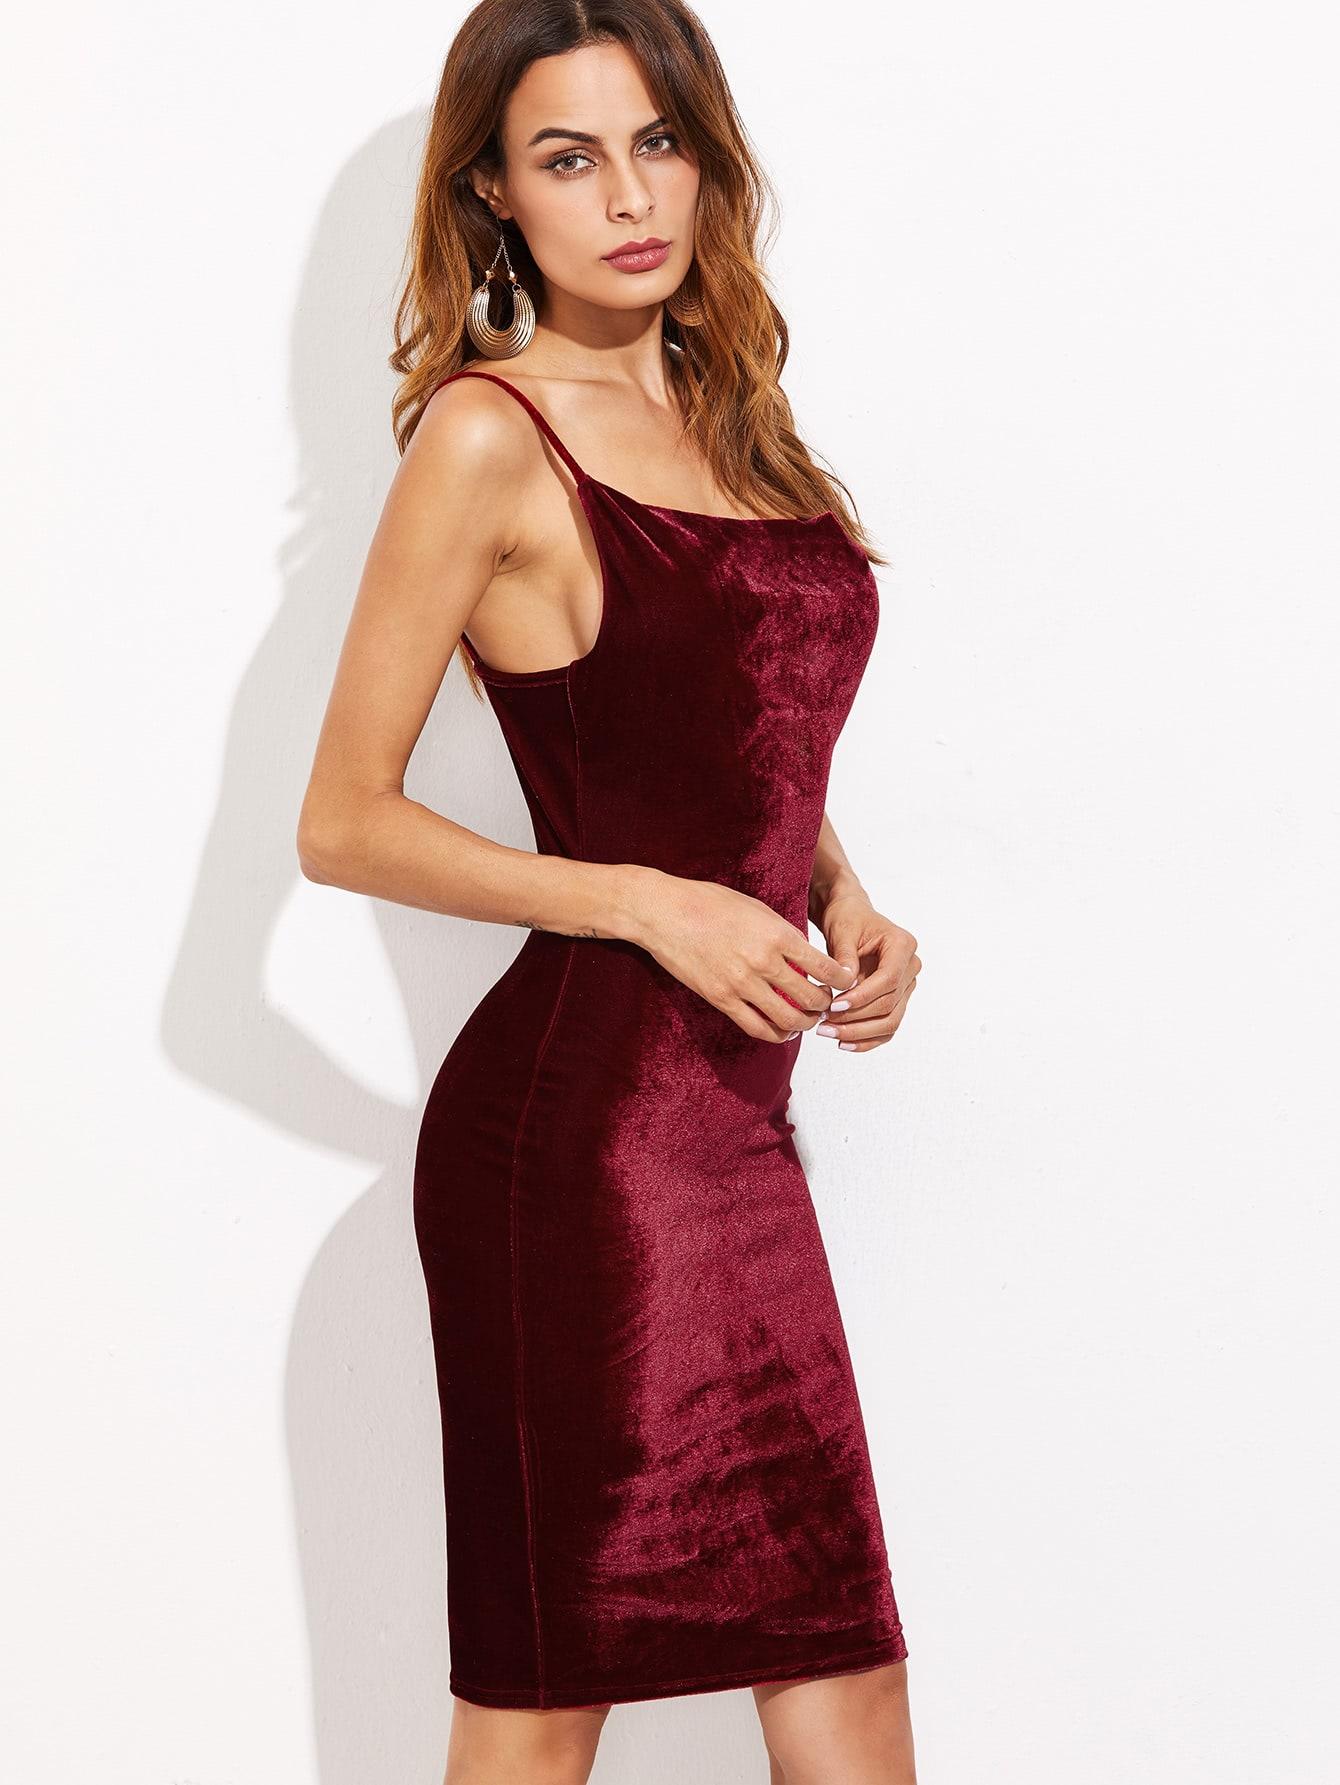 Бордовое облегающее платье на бретельках | Shein